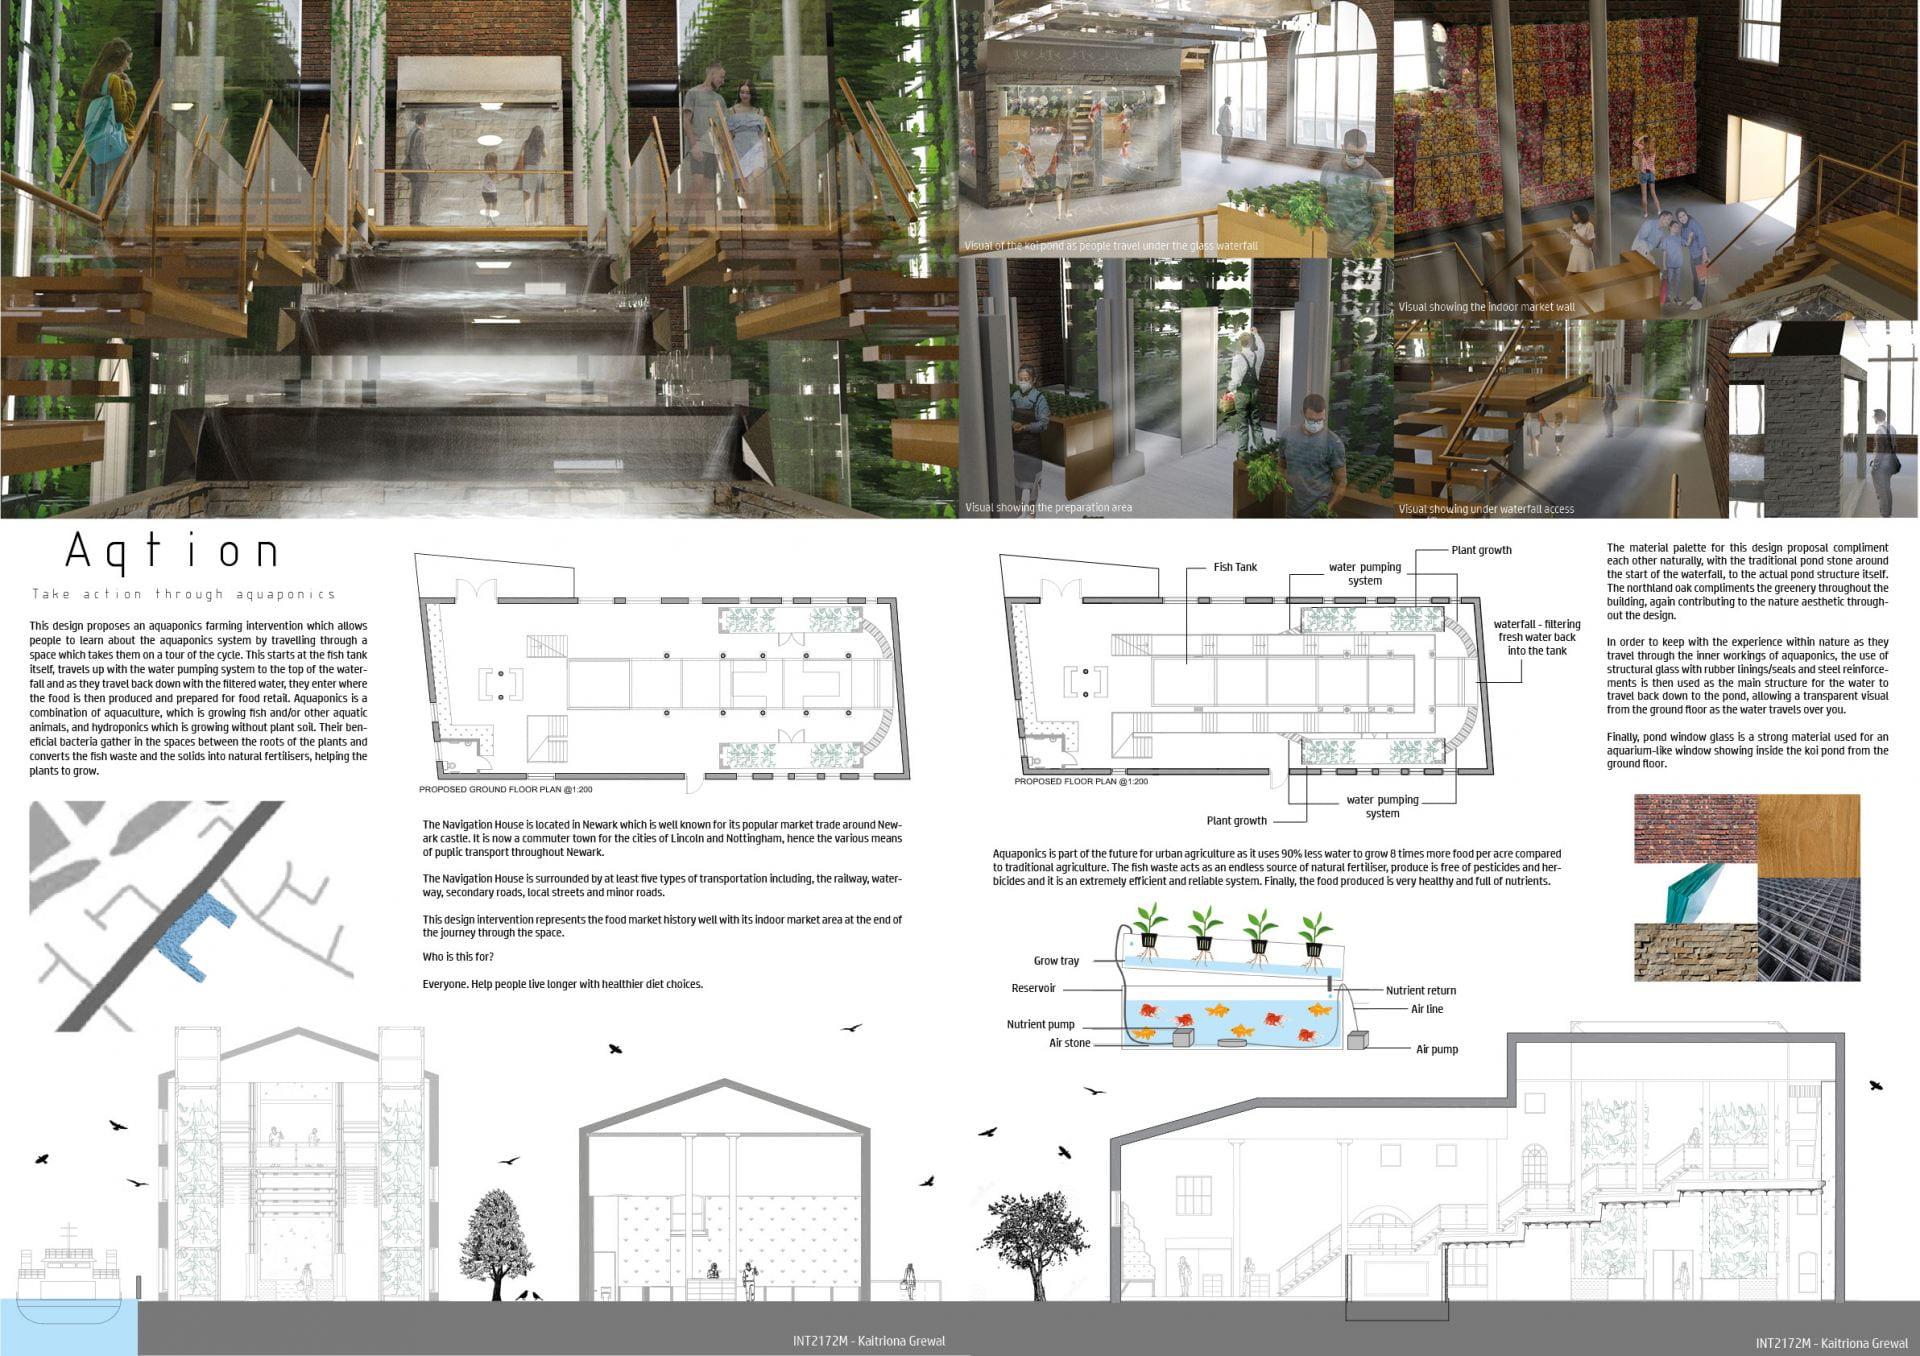 Final design proposal - presentation boards.